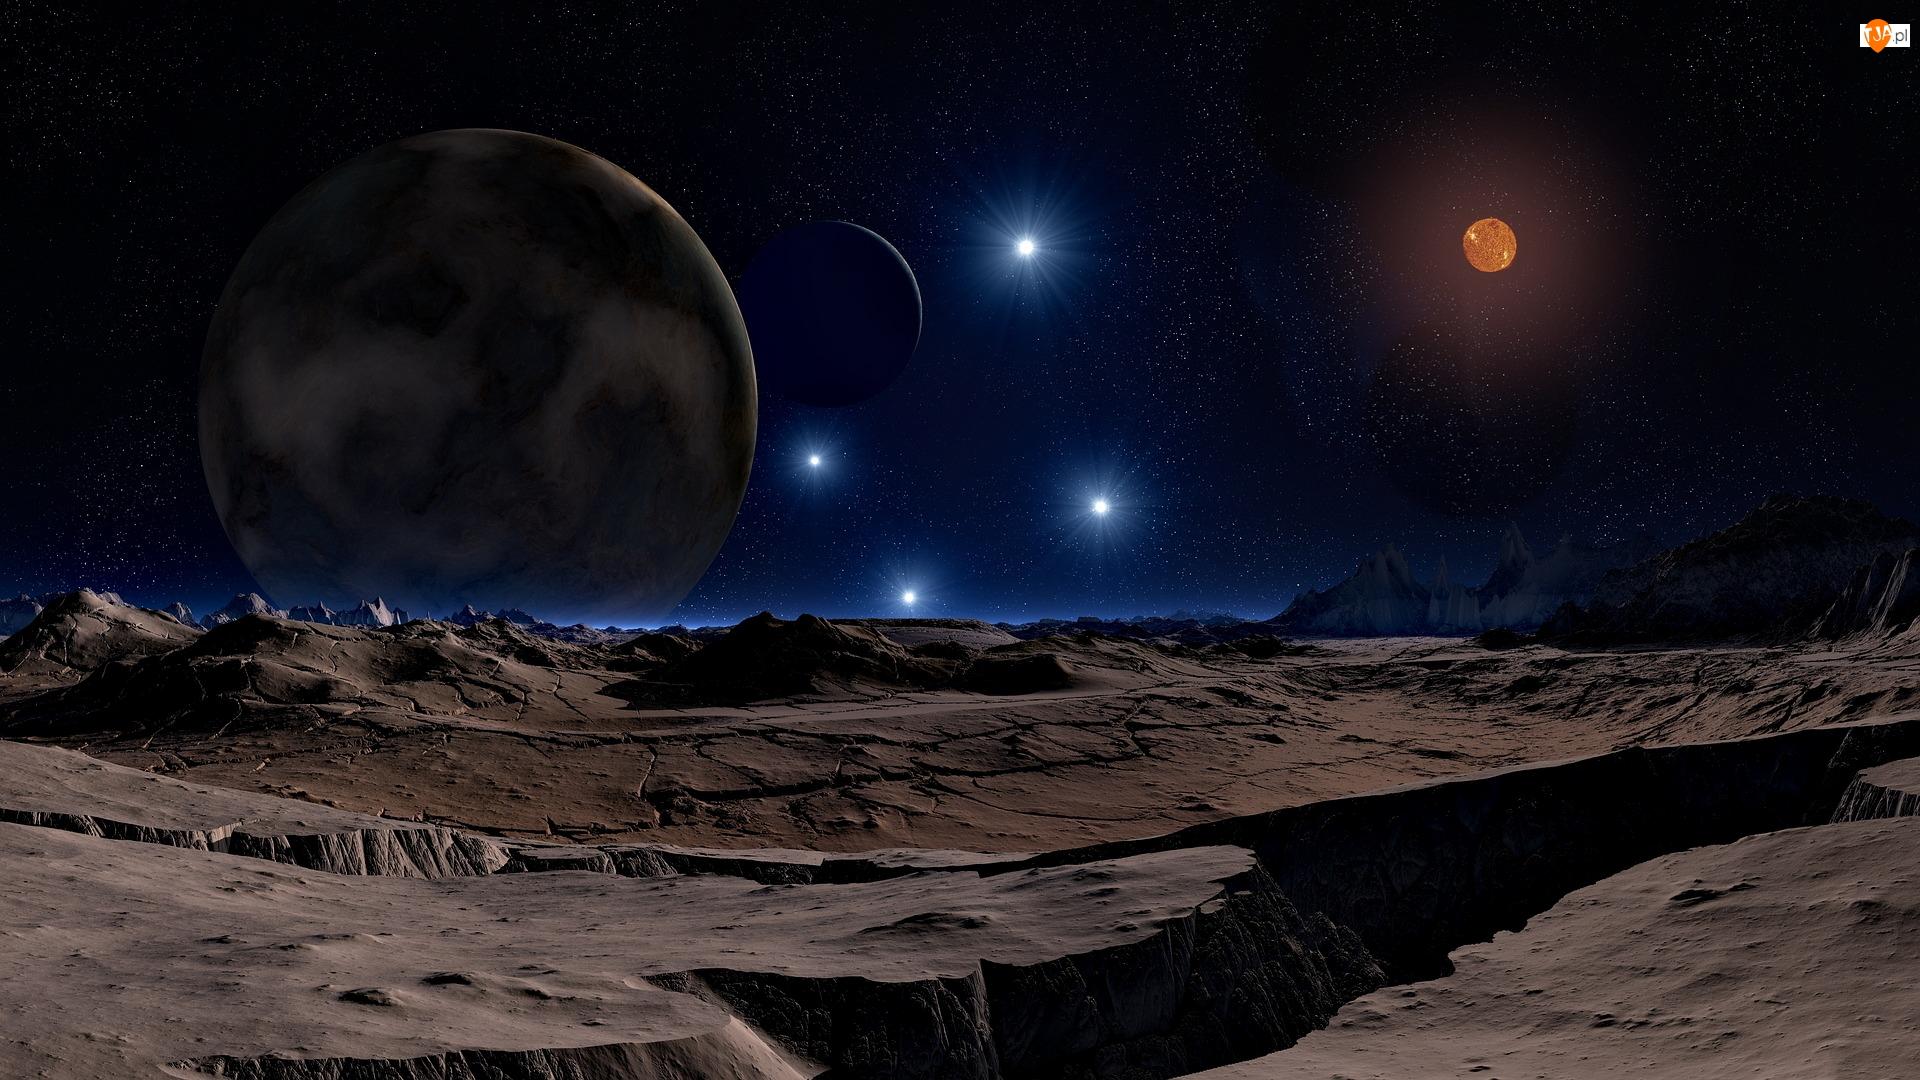 Krajobraz, Księżyc, 3D, Księżycowy, Gwiazdy, Planety, Kosmos